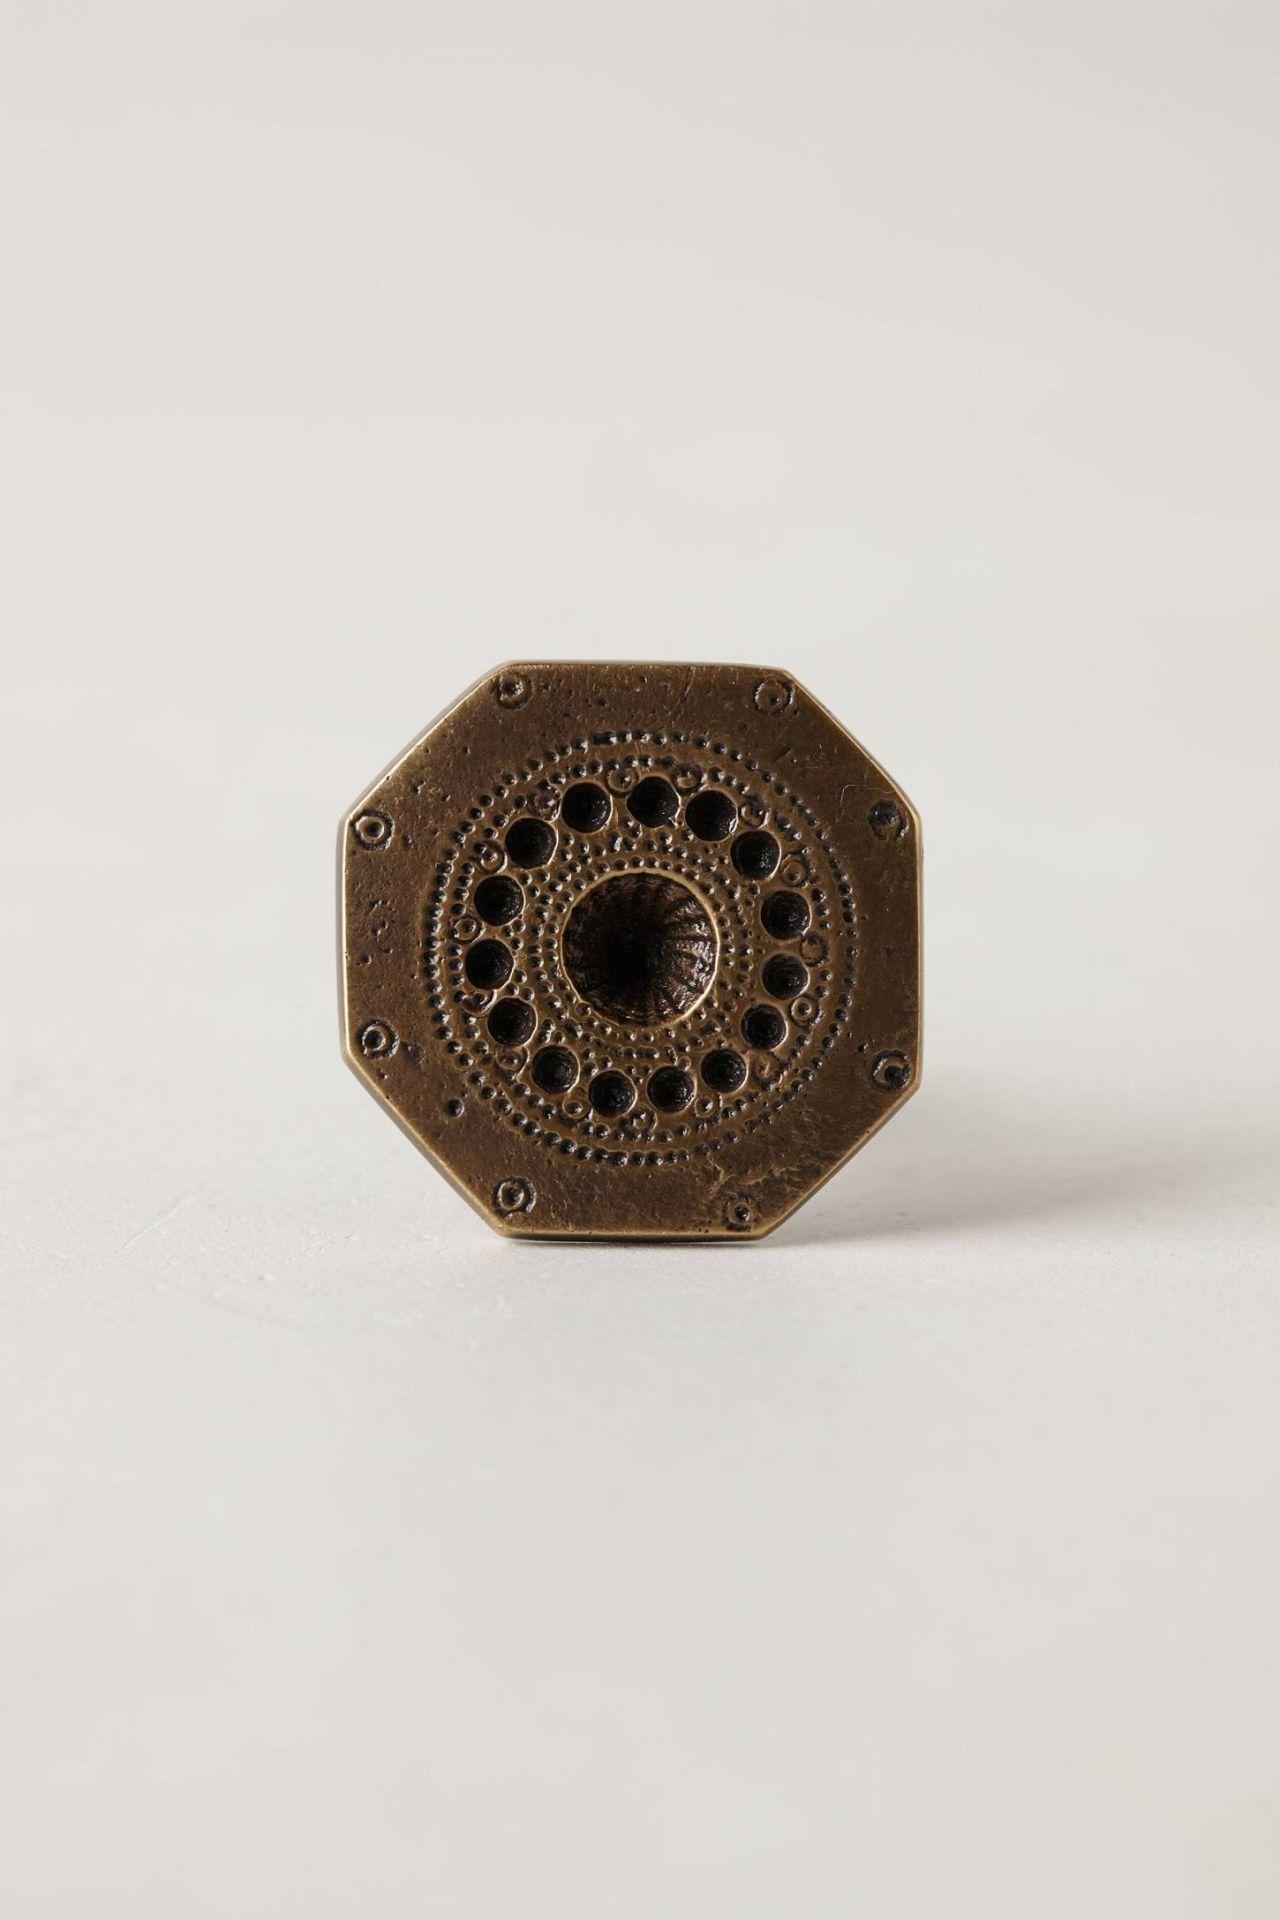 brass knobs   #adoredecor #homedecor #decor #design